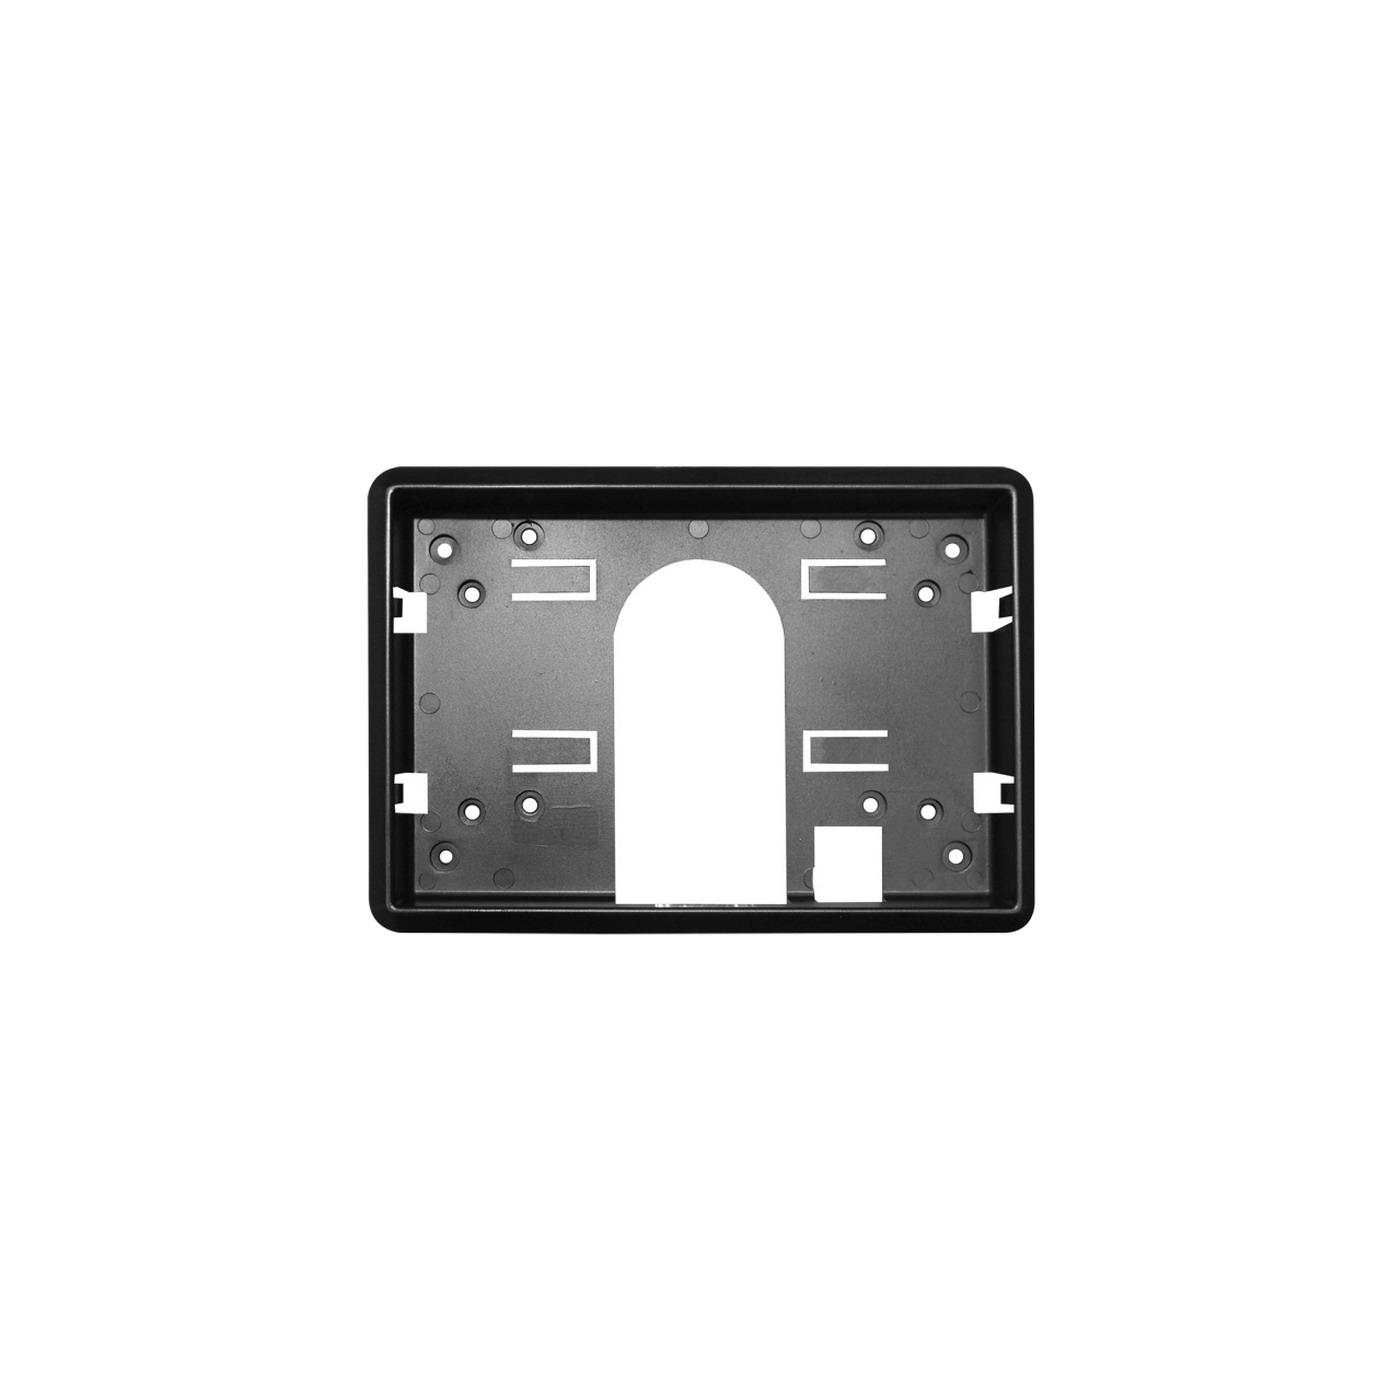 Cornice d'incasso per monitor K-M7000